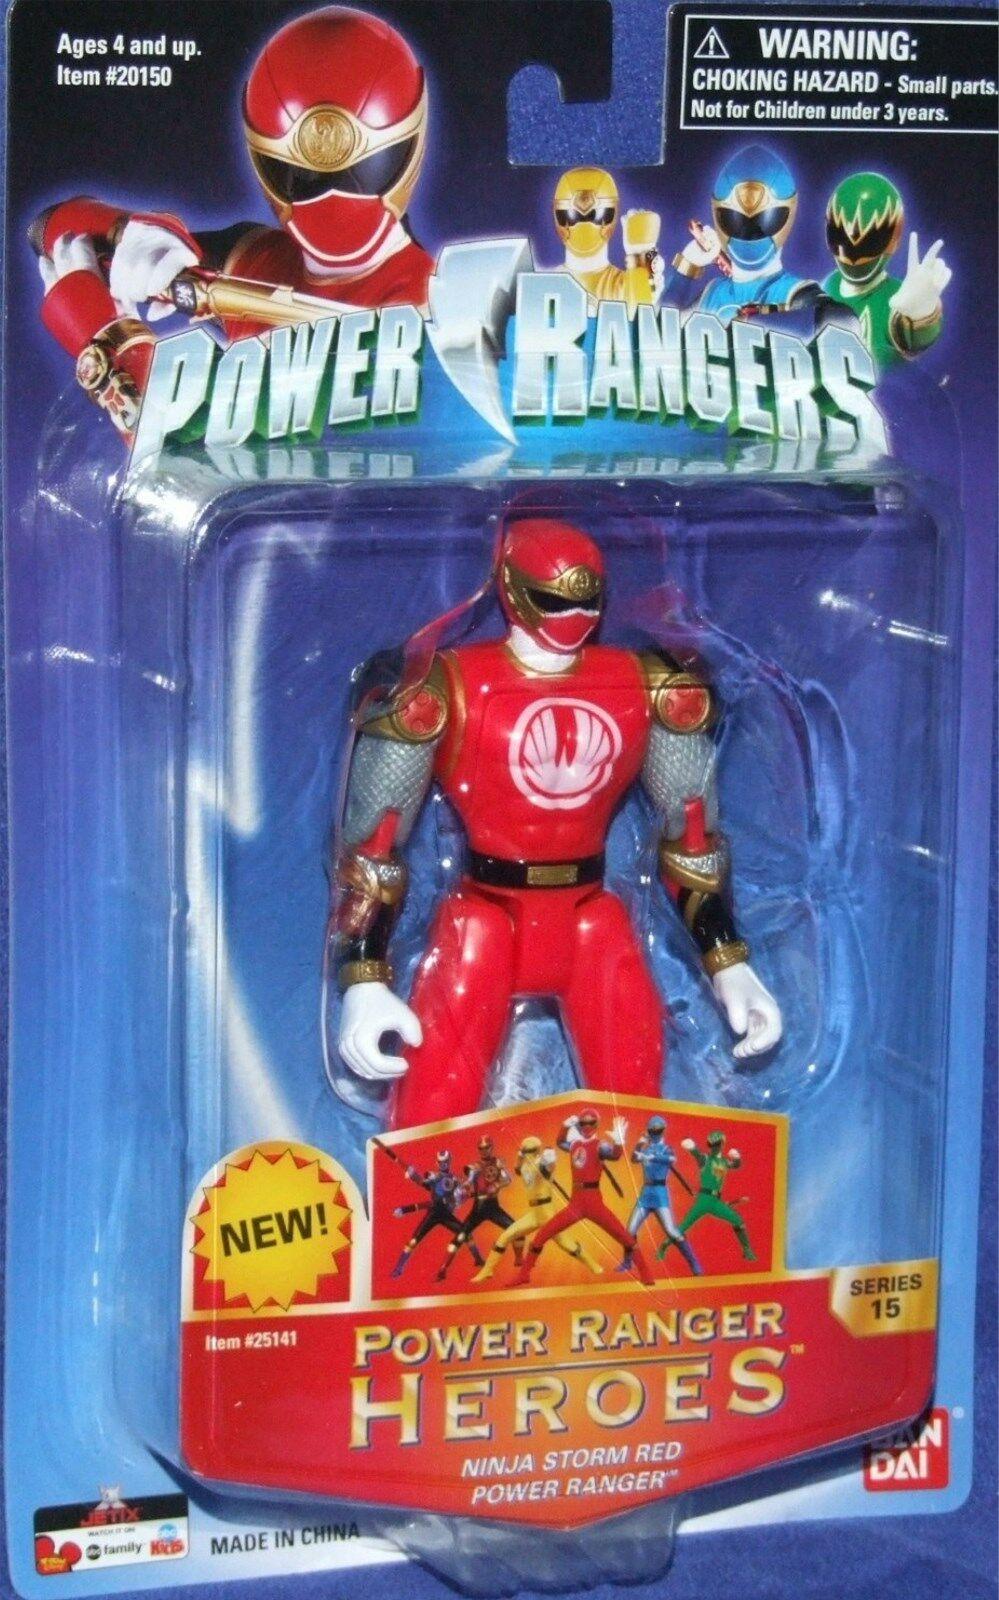 Power Rangers Ninja Storm Red Heroes 5  Ranger New series 15 Factory Sealed 2006